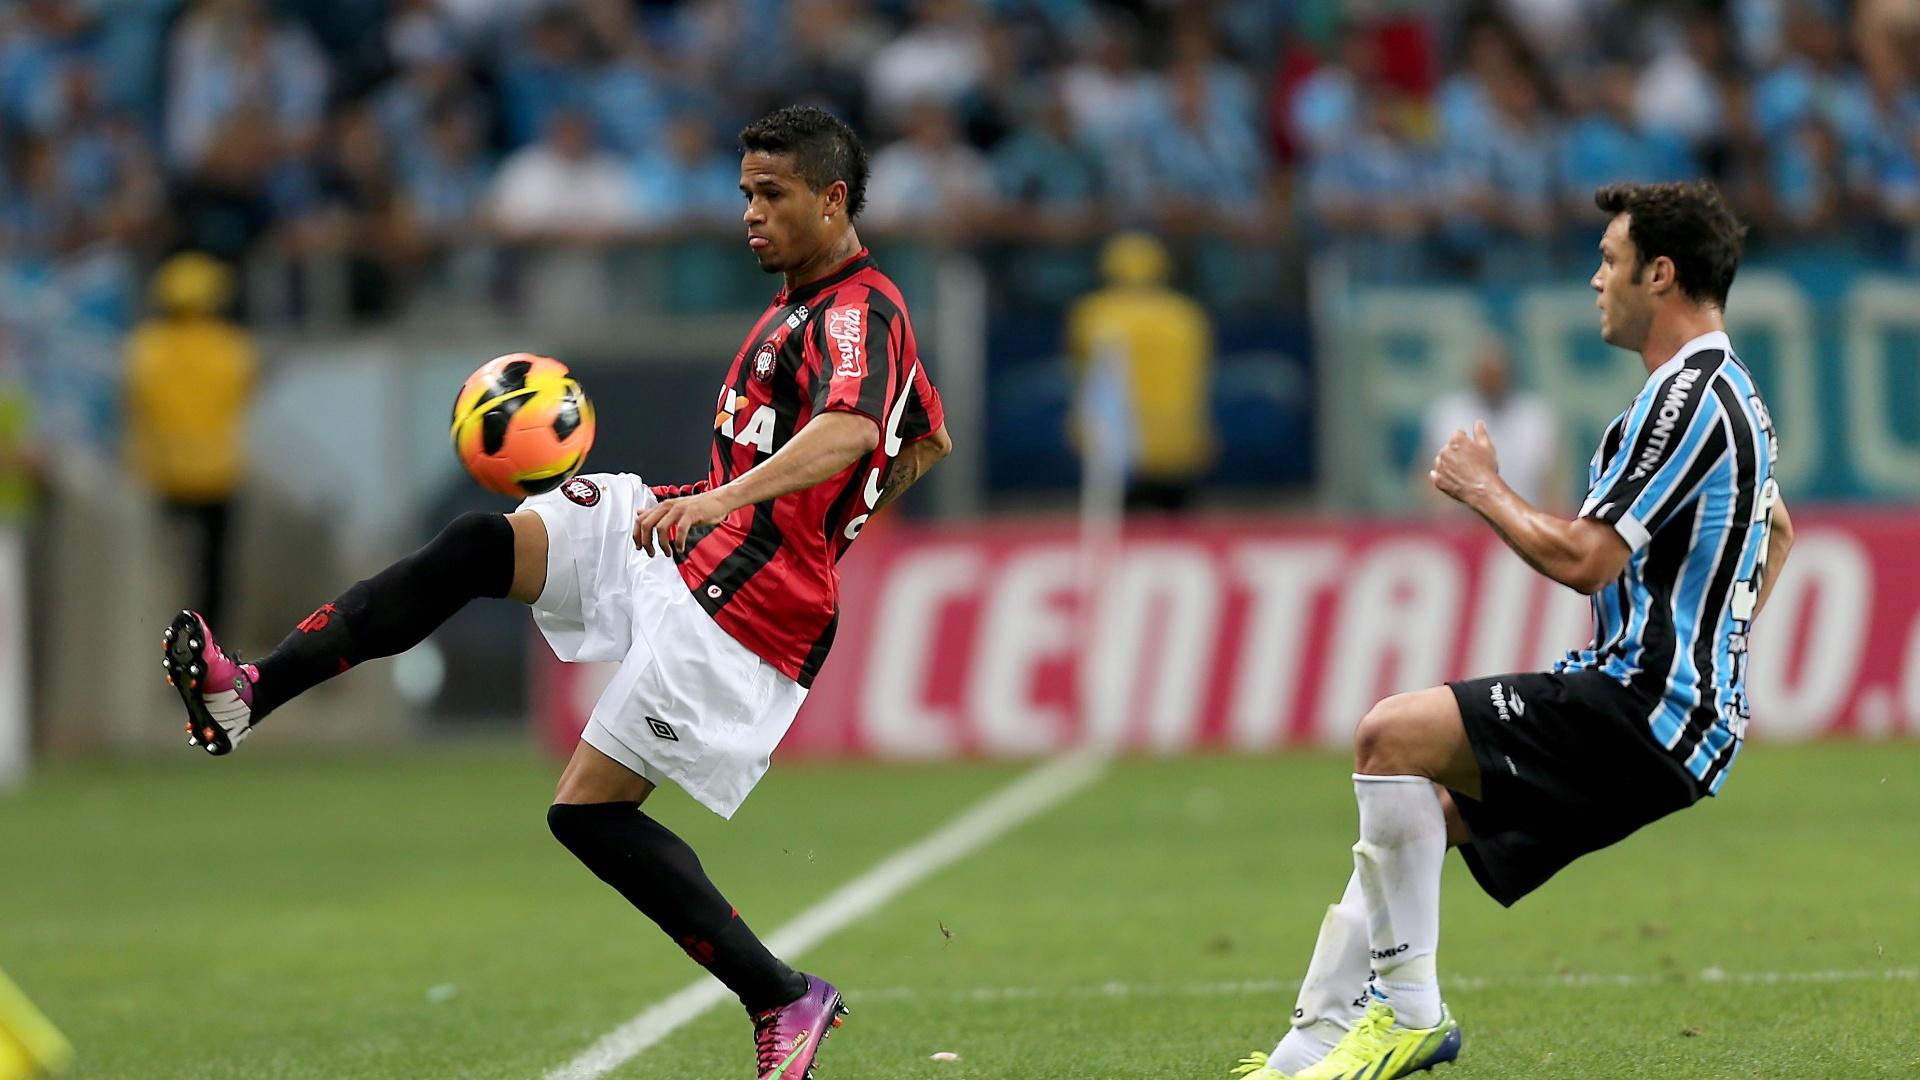 Léo domina a bola enquanto é marcado por Kleber no jogo entre Atlético-PR e Grêmio